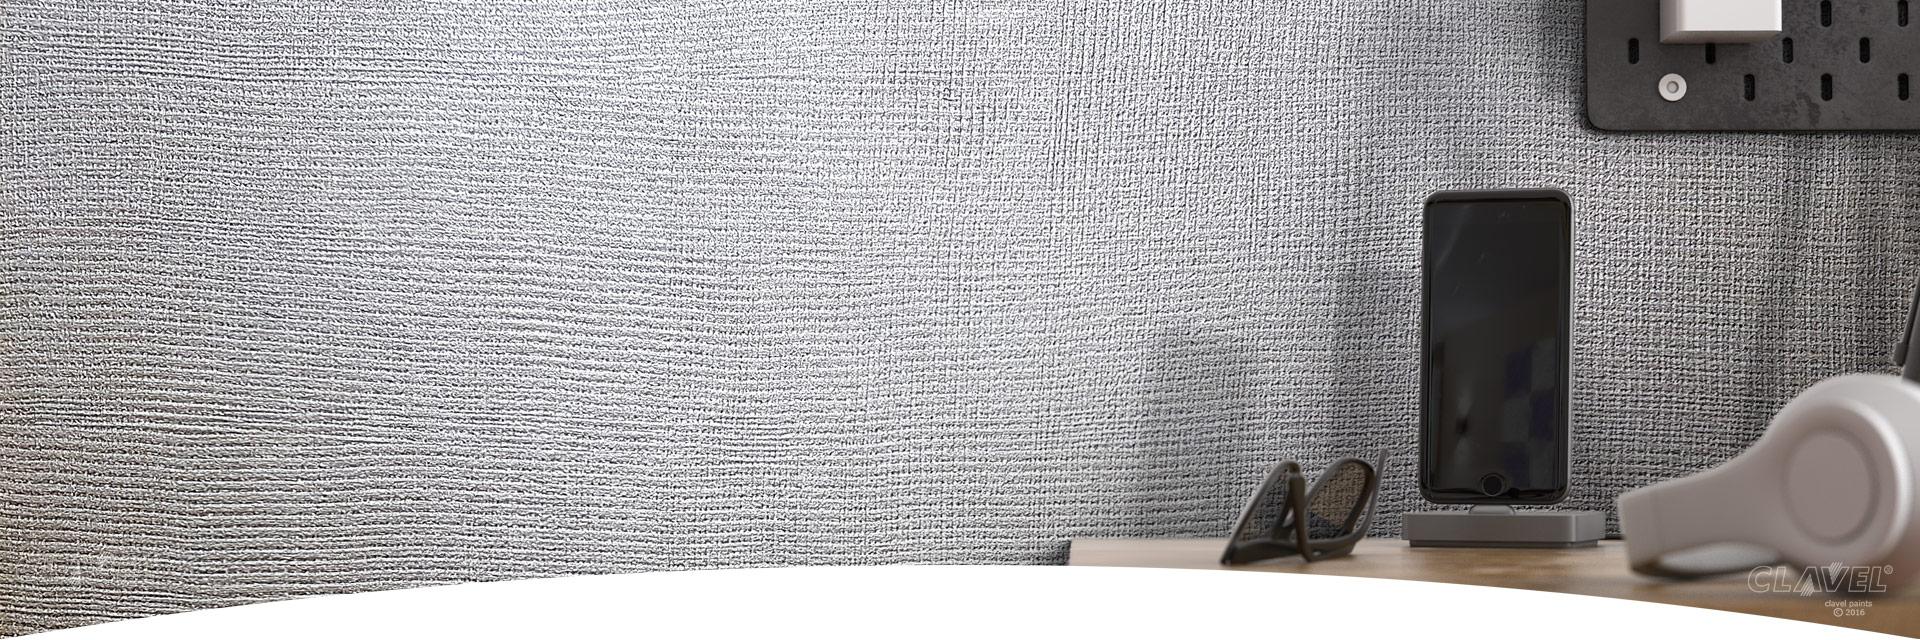 Текстурные штукатурки с эффектом ткани -каталог эффектов